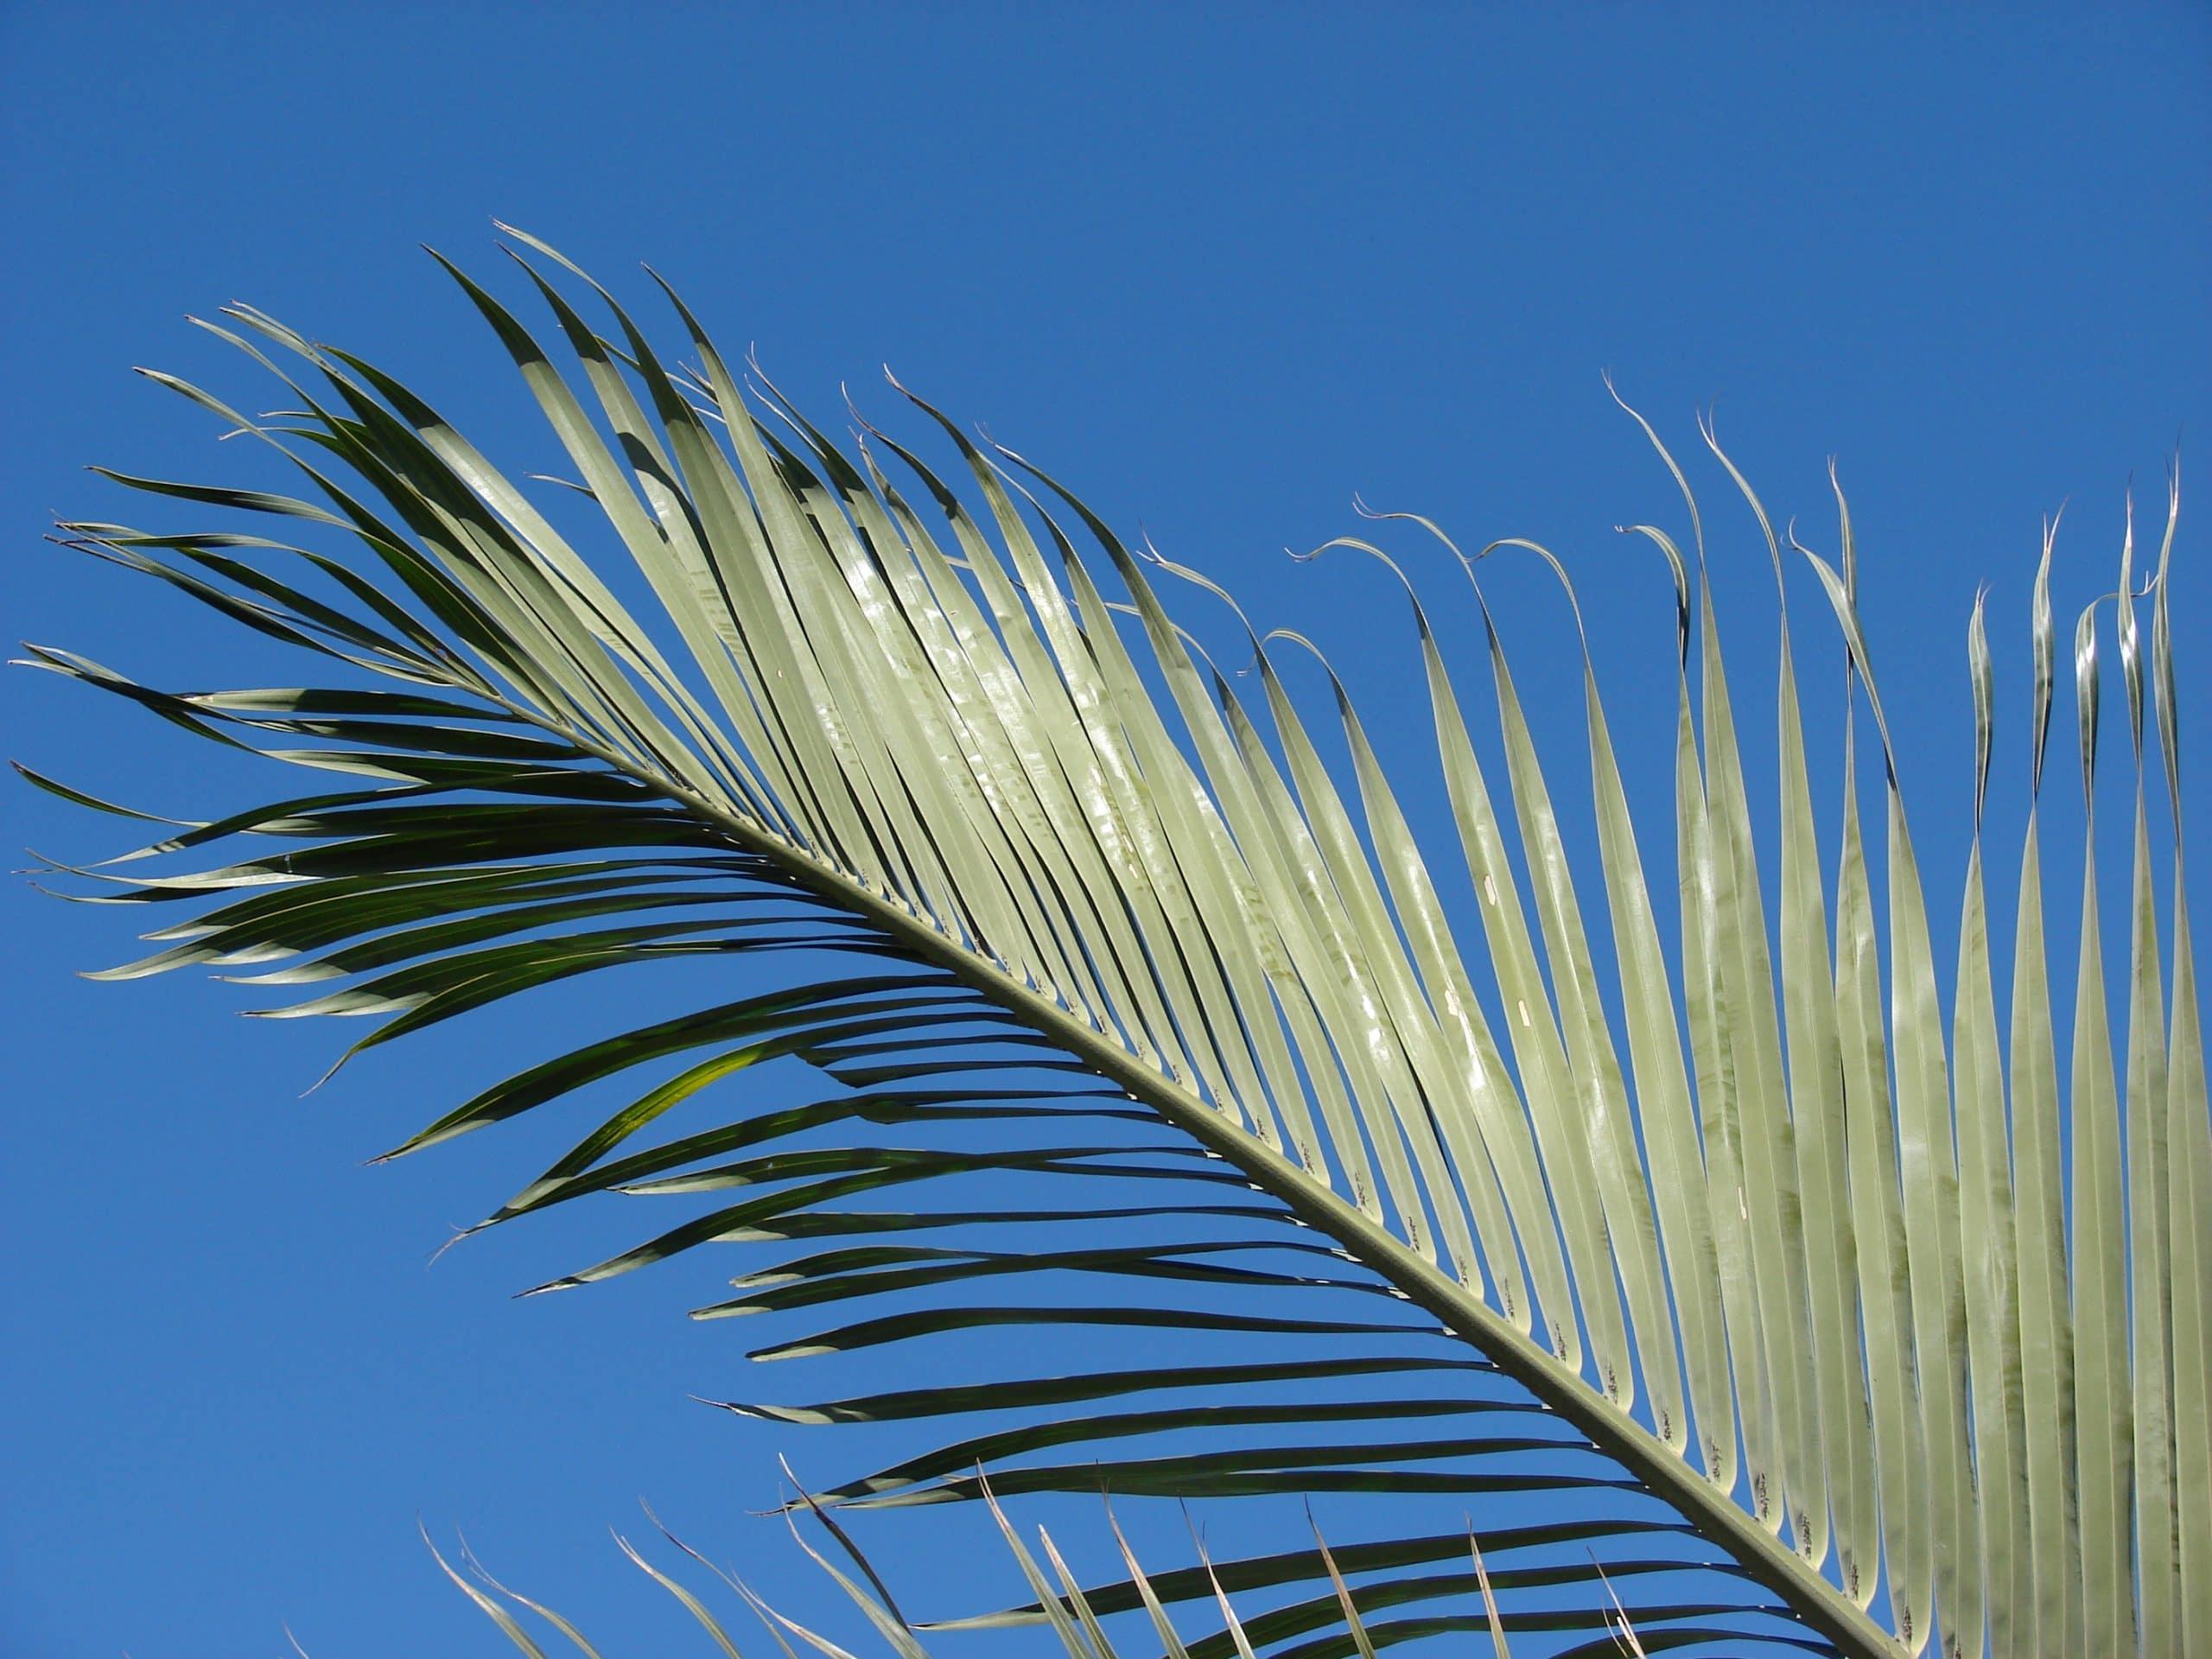 La Dypsis decaryi es una palmera unicaule